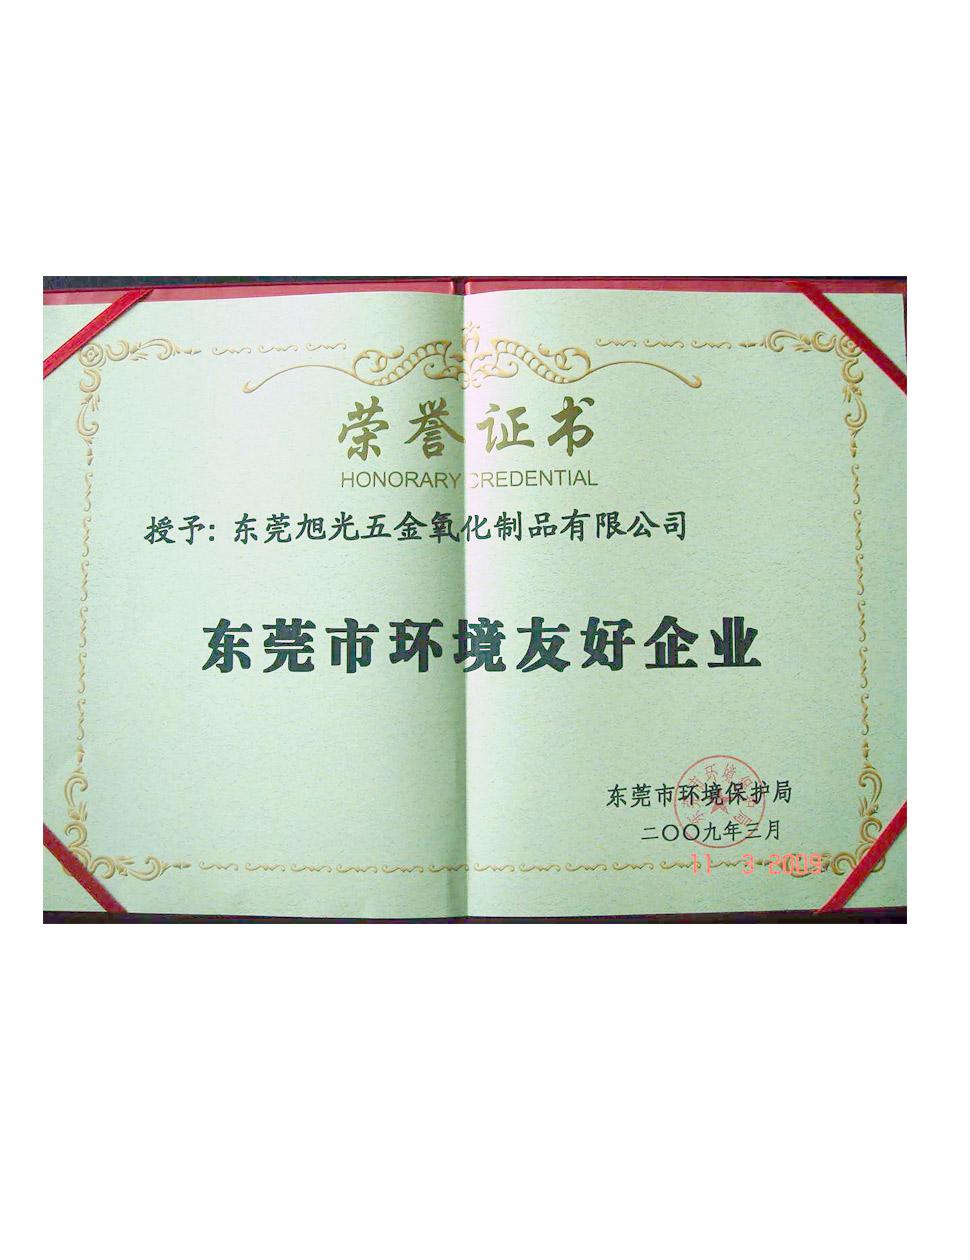 环境宝运莱官网企业证书